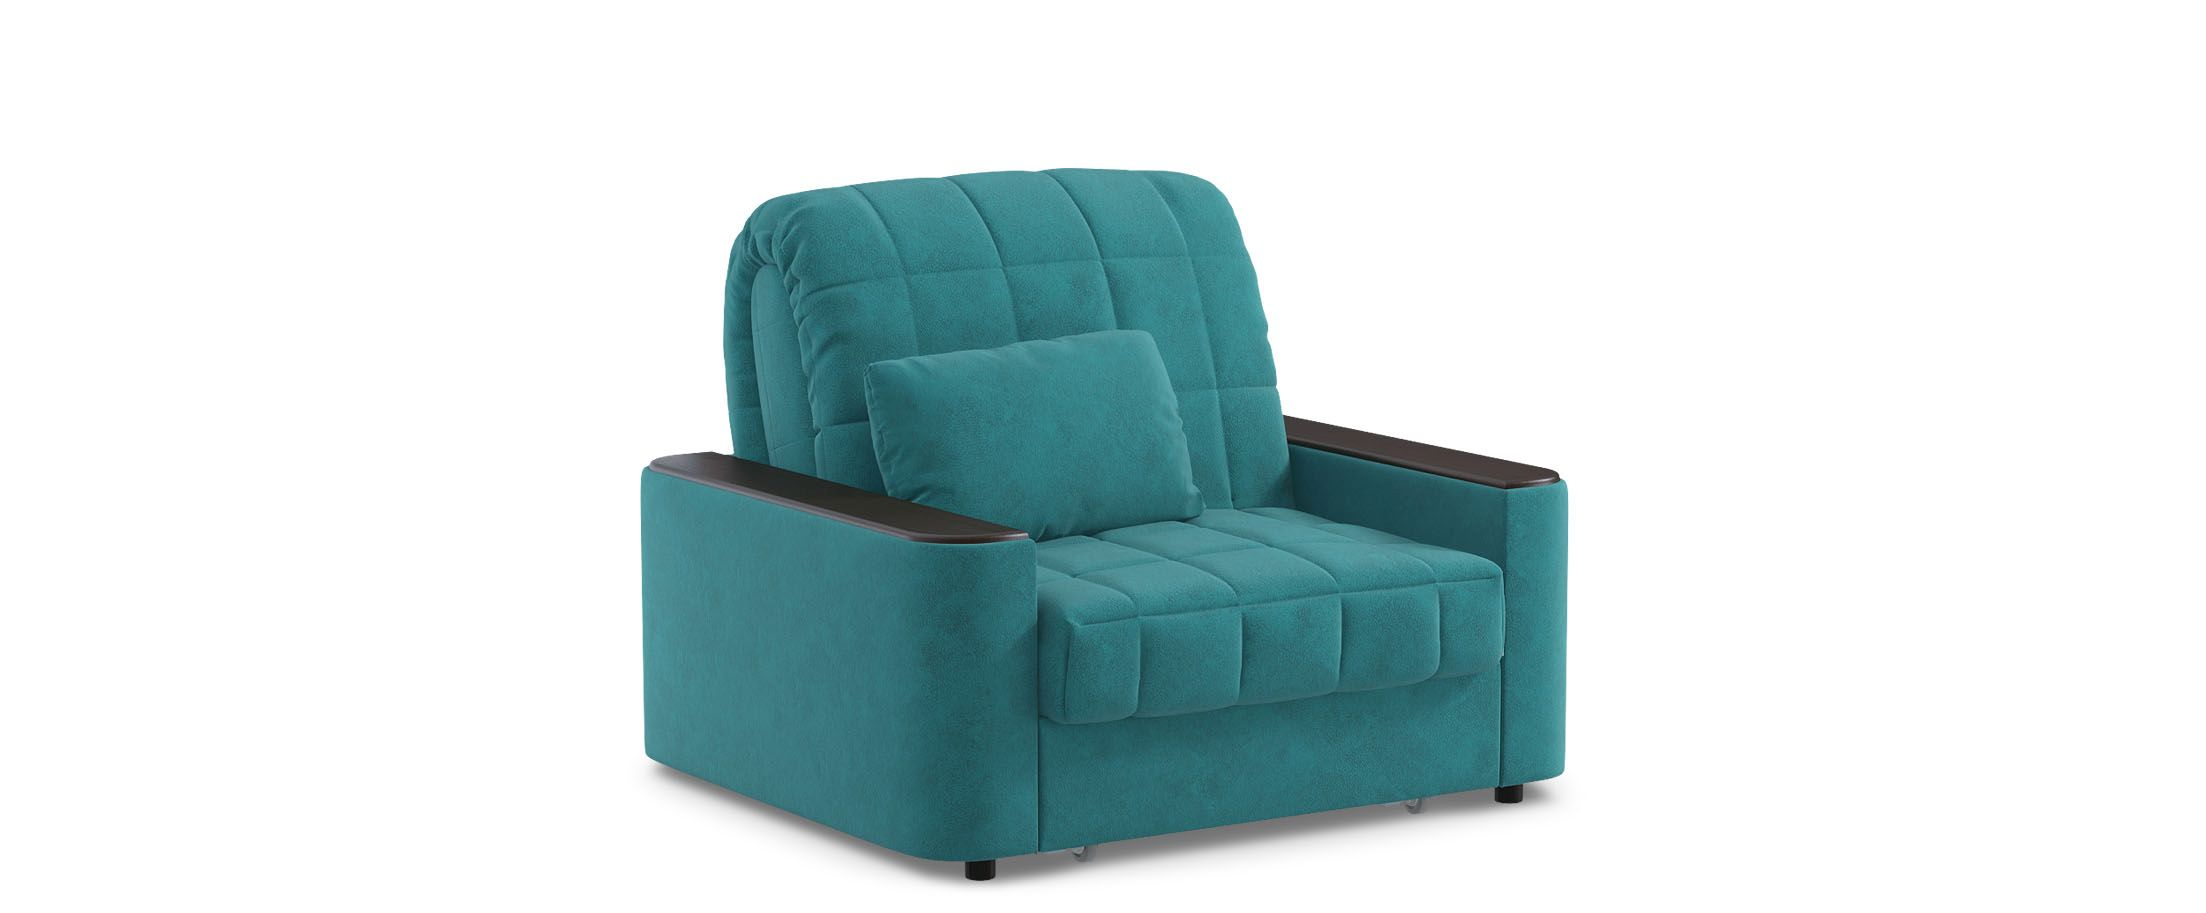 Кресло-кровать Даллас 018Кресло-кровать Даллас 018. Артикул 001699<br>